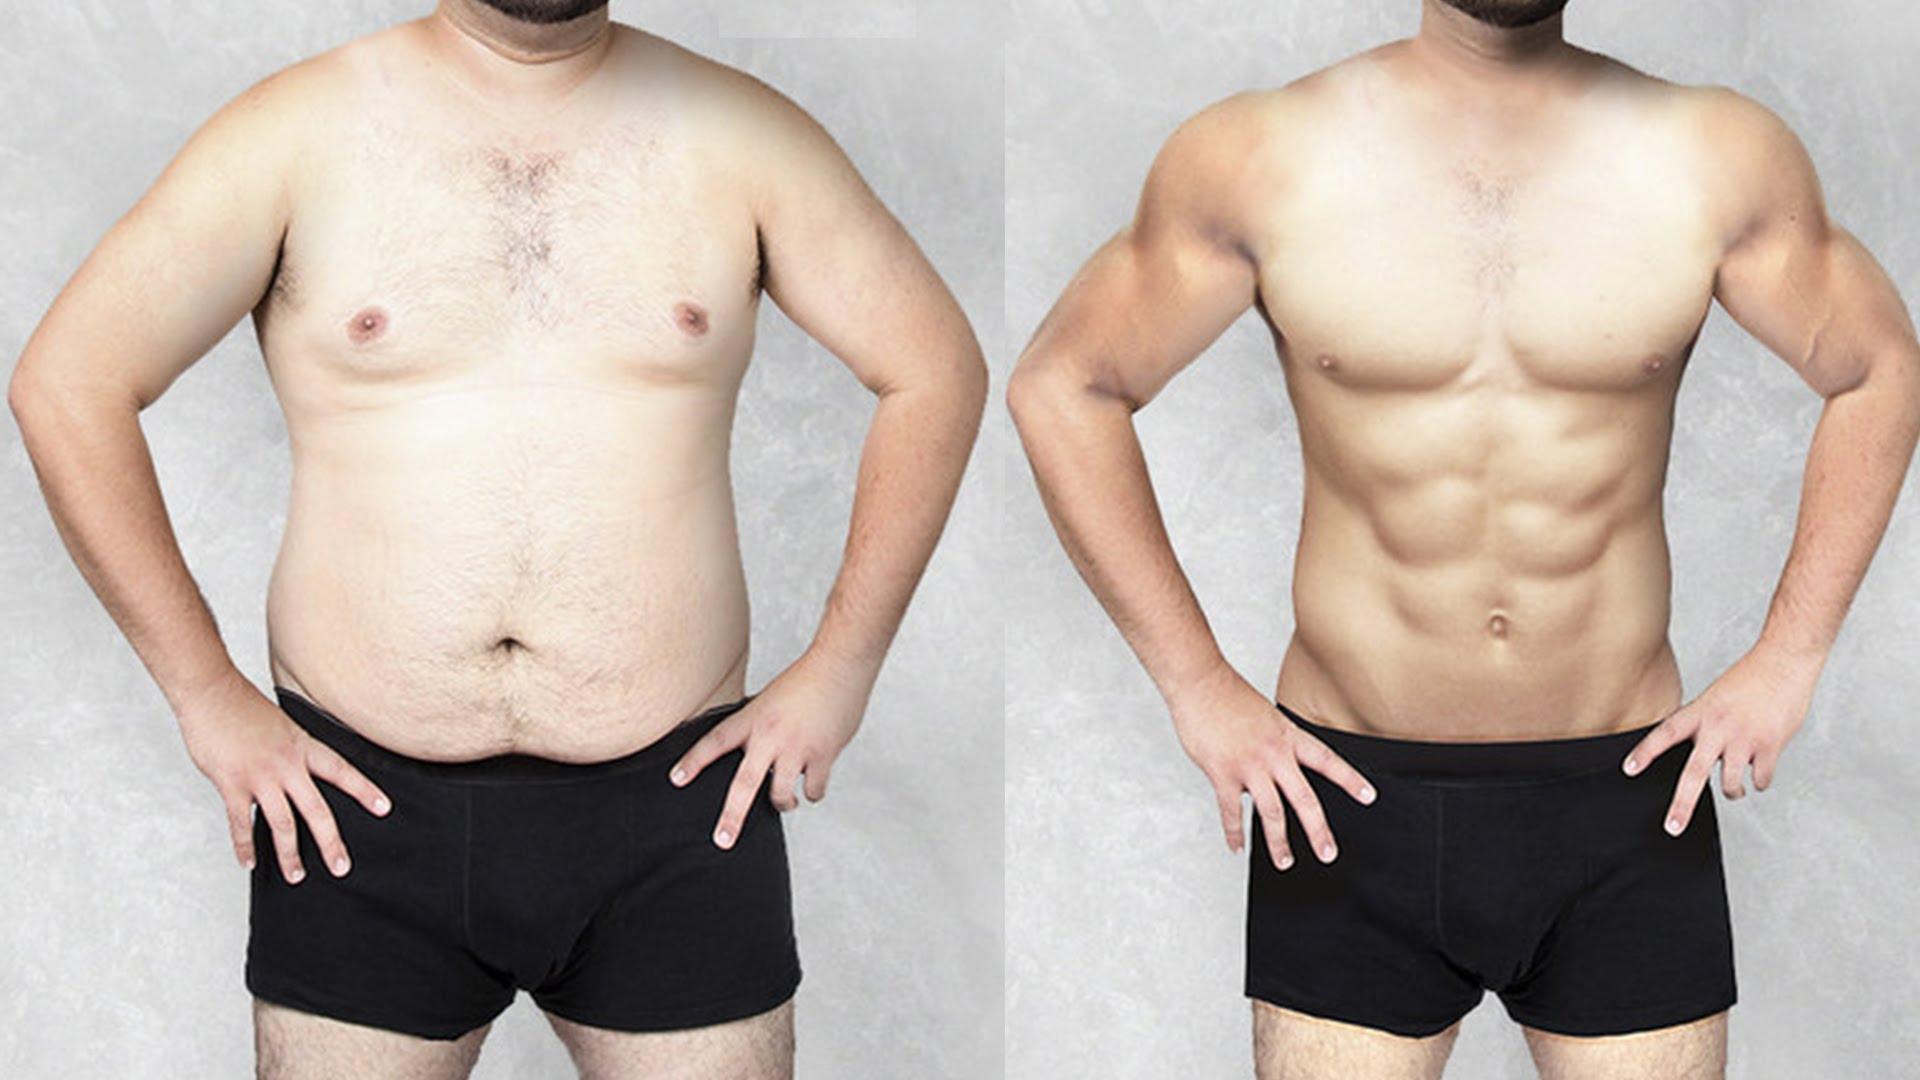 صورة جسم الرجل , اجمل صور لجسم الرجل 2128 3